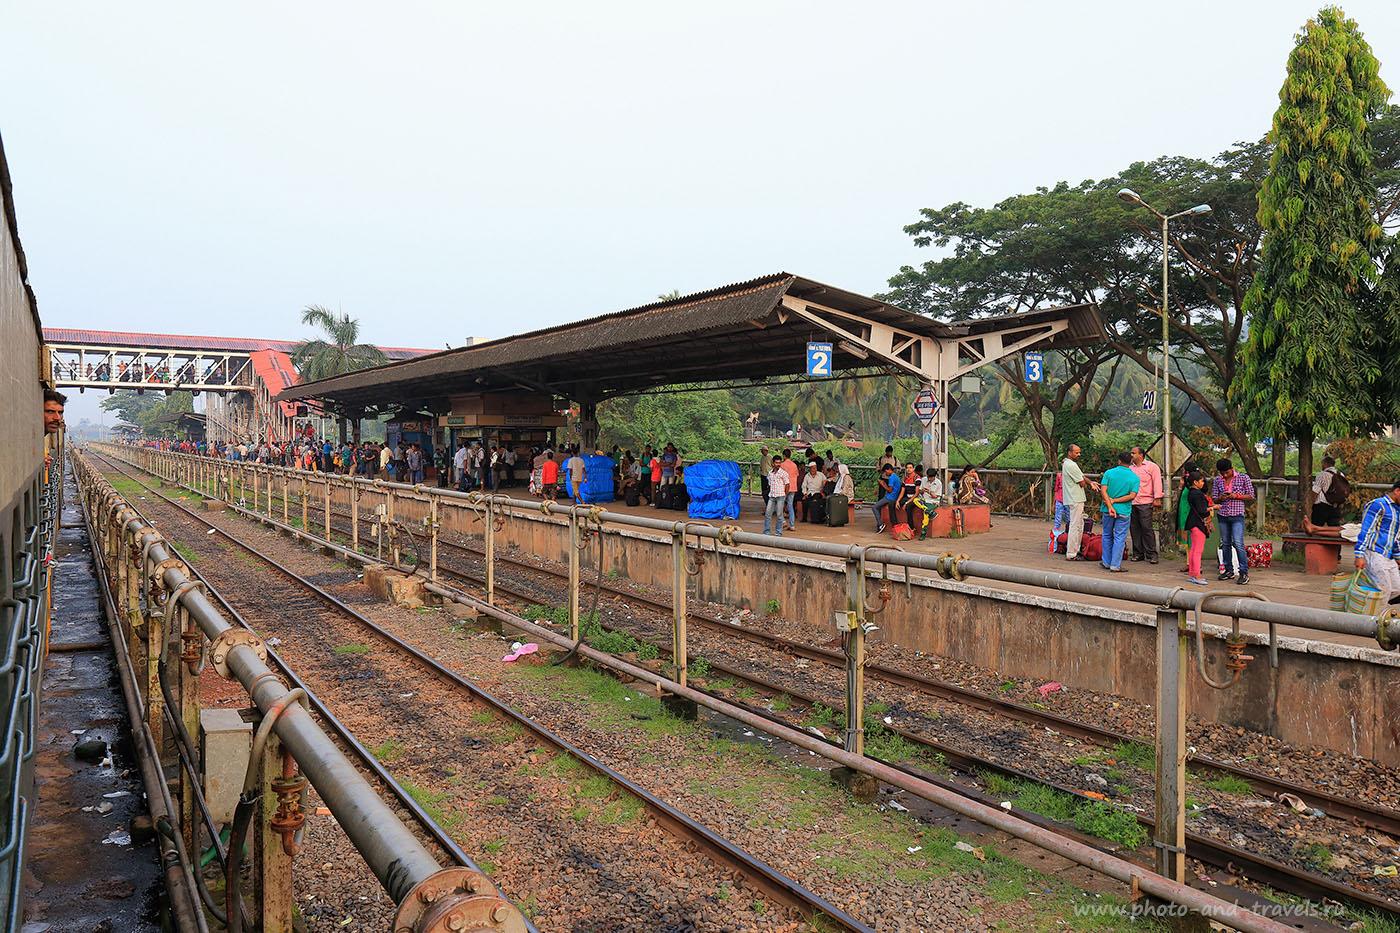 Фотография 9. Маргао. Поездка в Старый Гоа на поезде. (24-70, 1/100, 0eV, f9, 24mm, ISO 500)